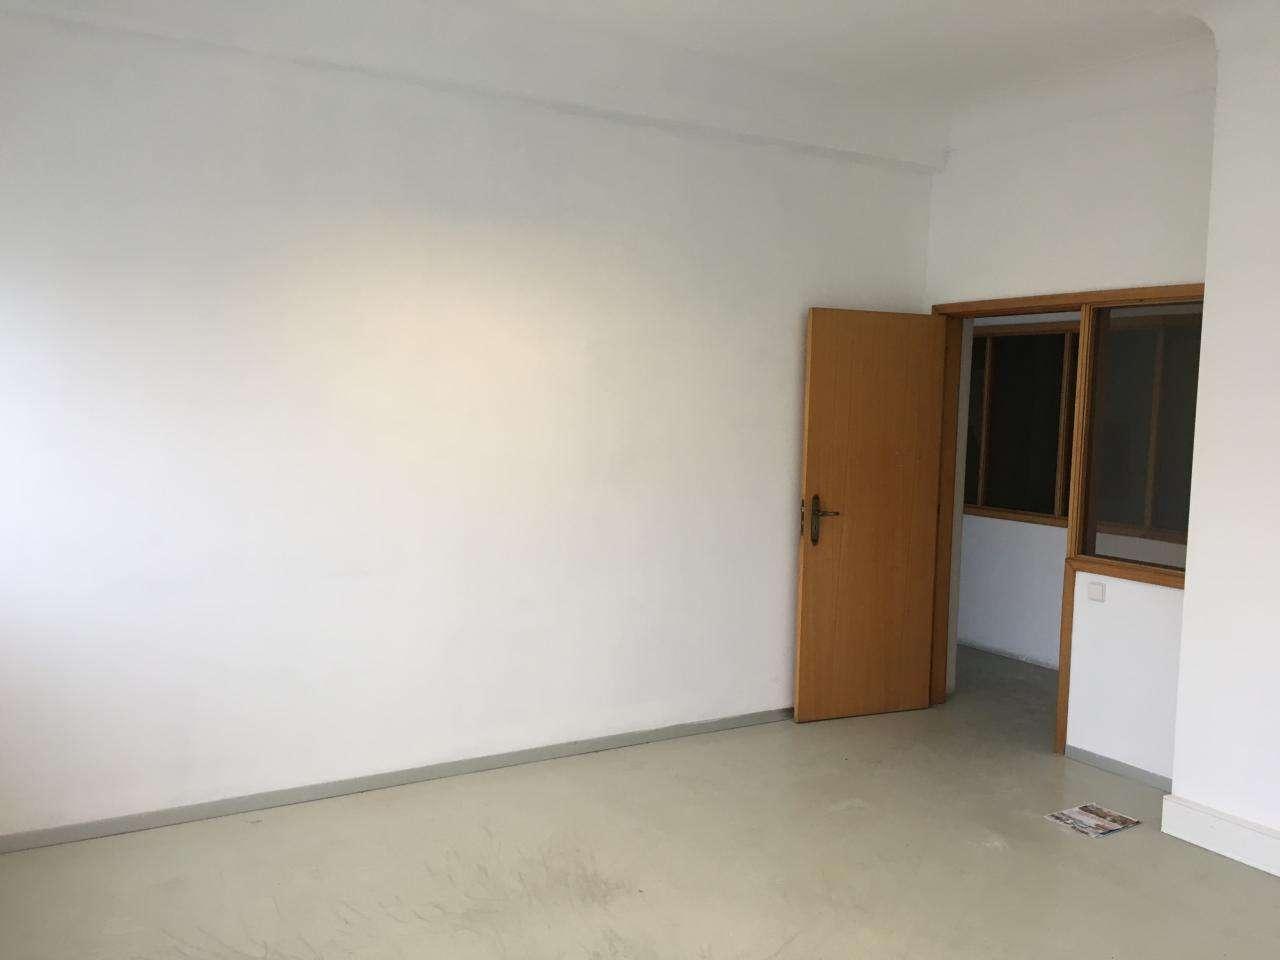 Armazém para arrendar, Moreira, Maia, Porto - Foto 11